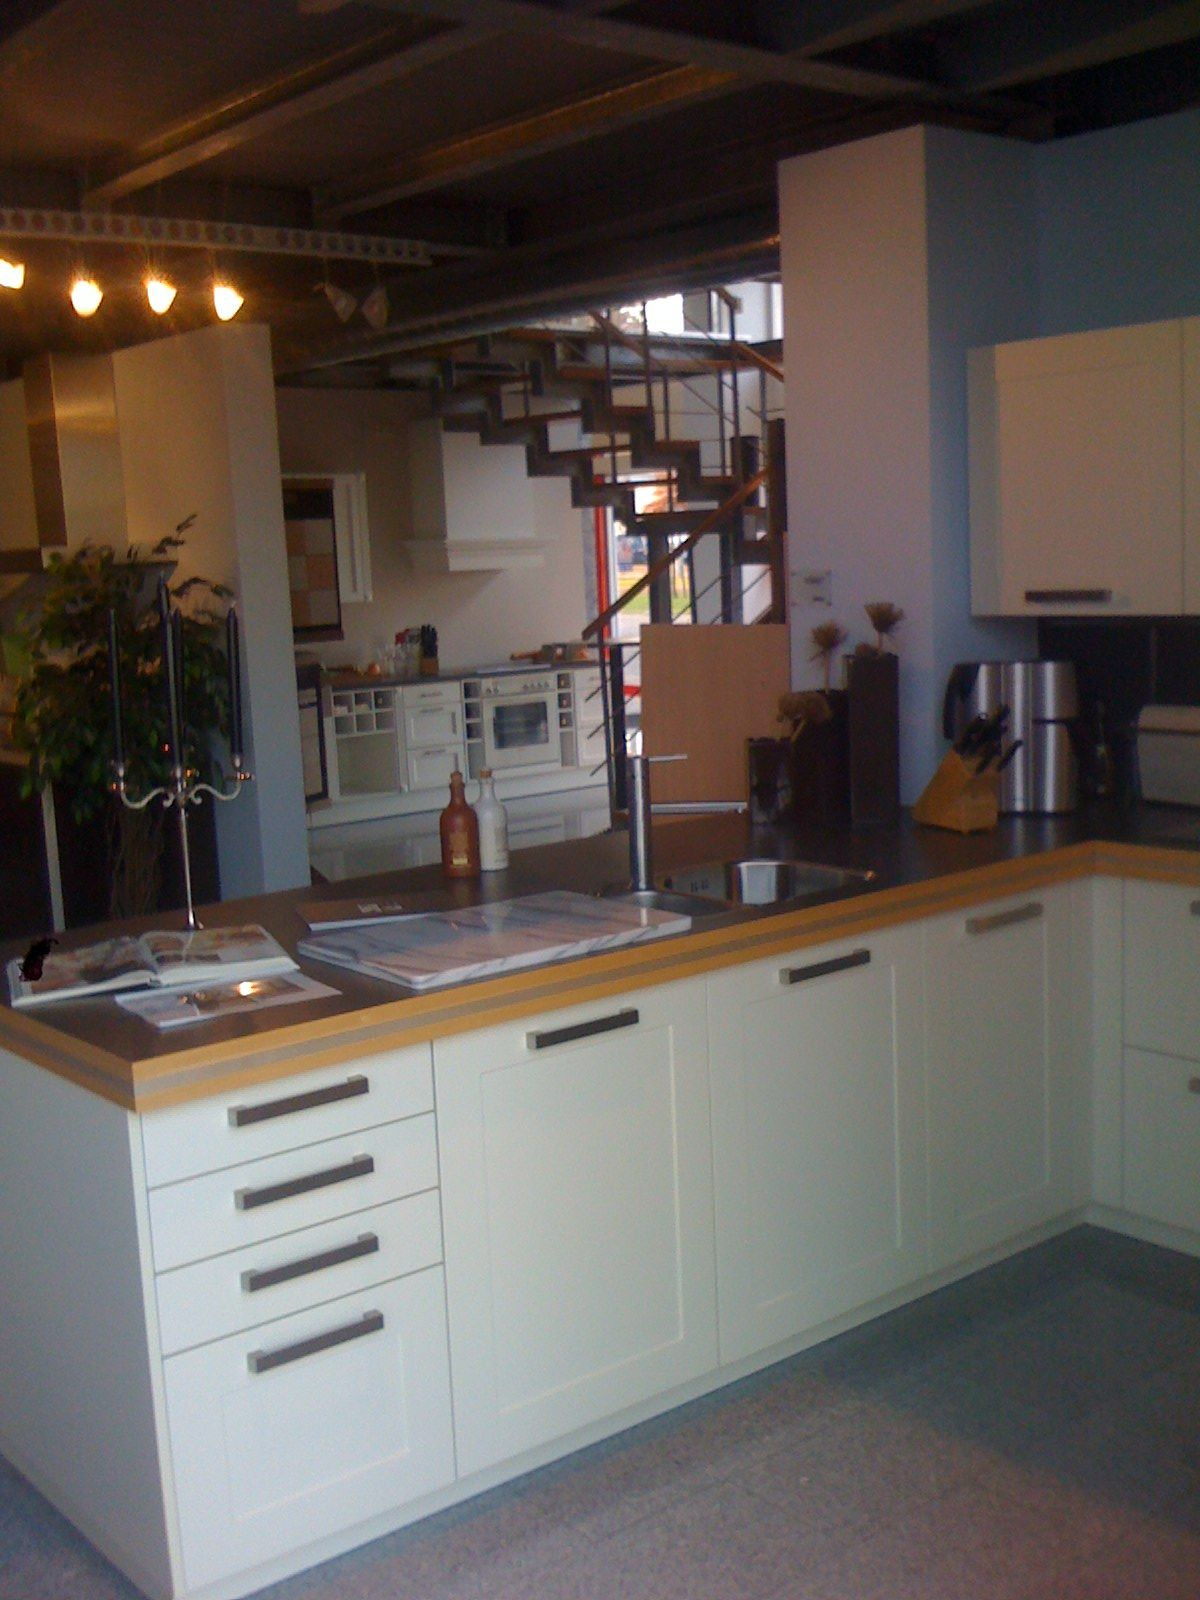 De voordeligste woonwinkel van nederland rational 35652 - Keuken eiland goedkoop ...